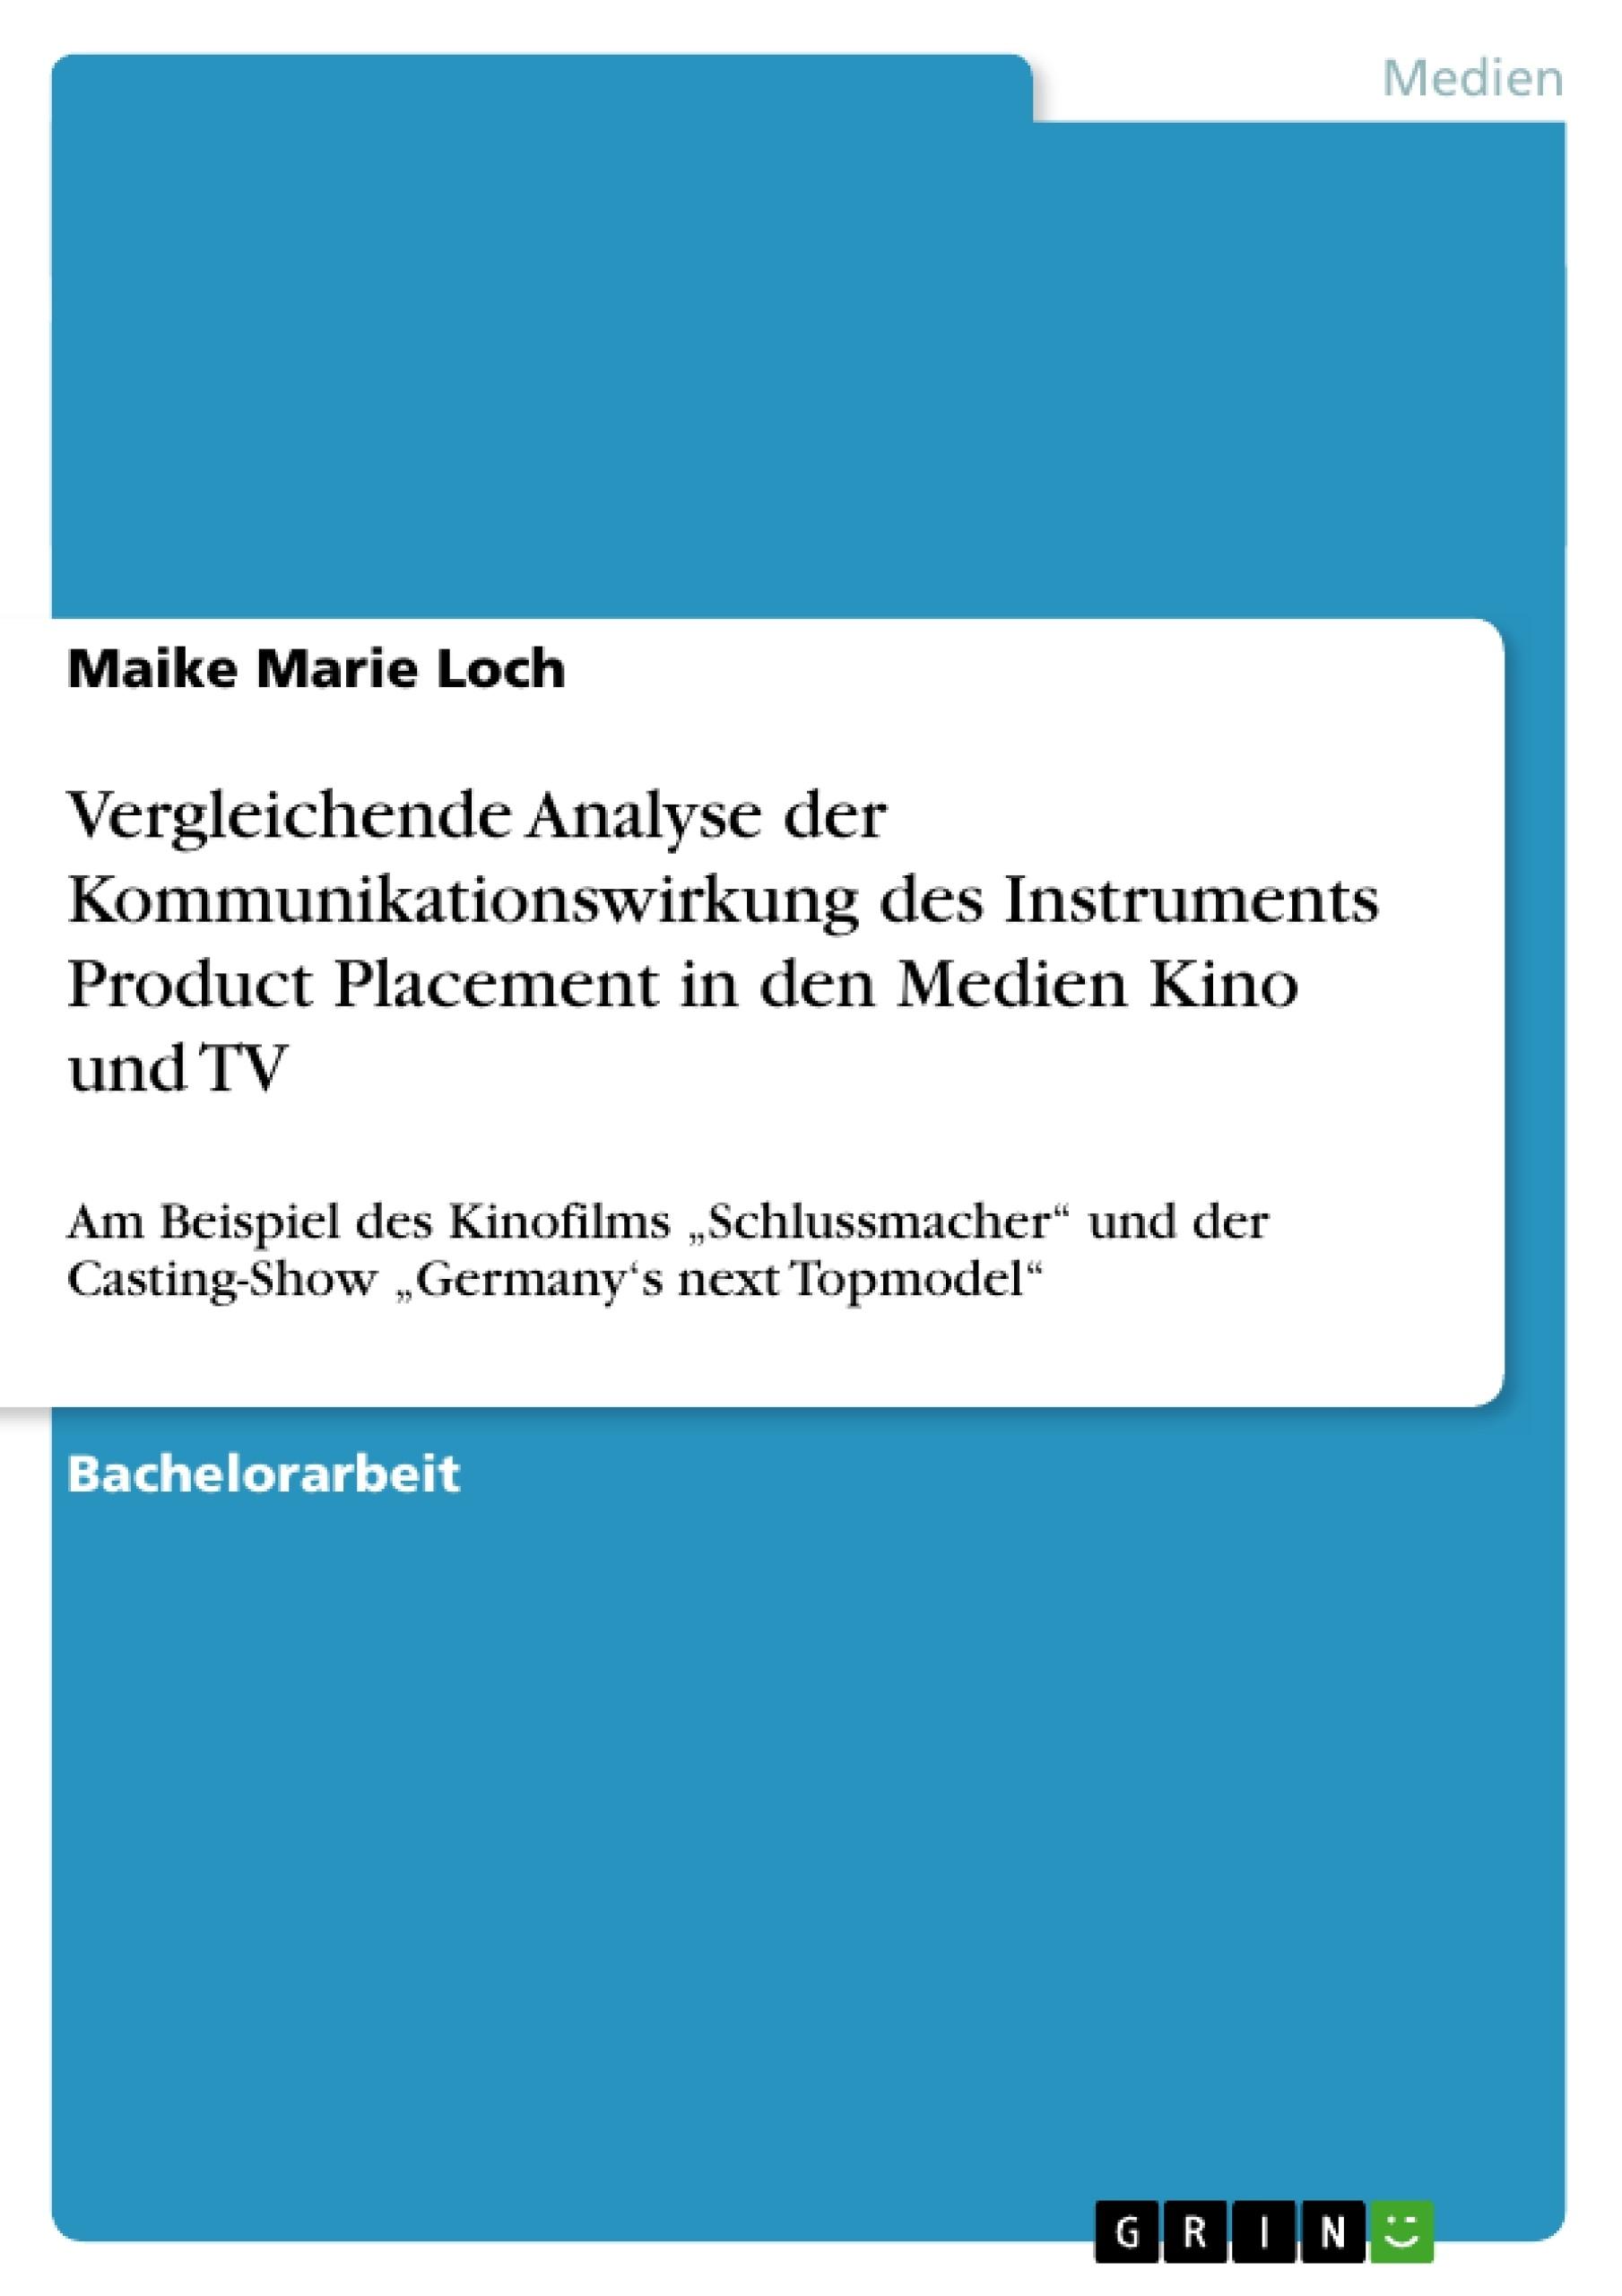 Titel: Vergleichende Analyse der Kommunikationswirkung des Instruments Product Placement in den Medien Kino und TV